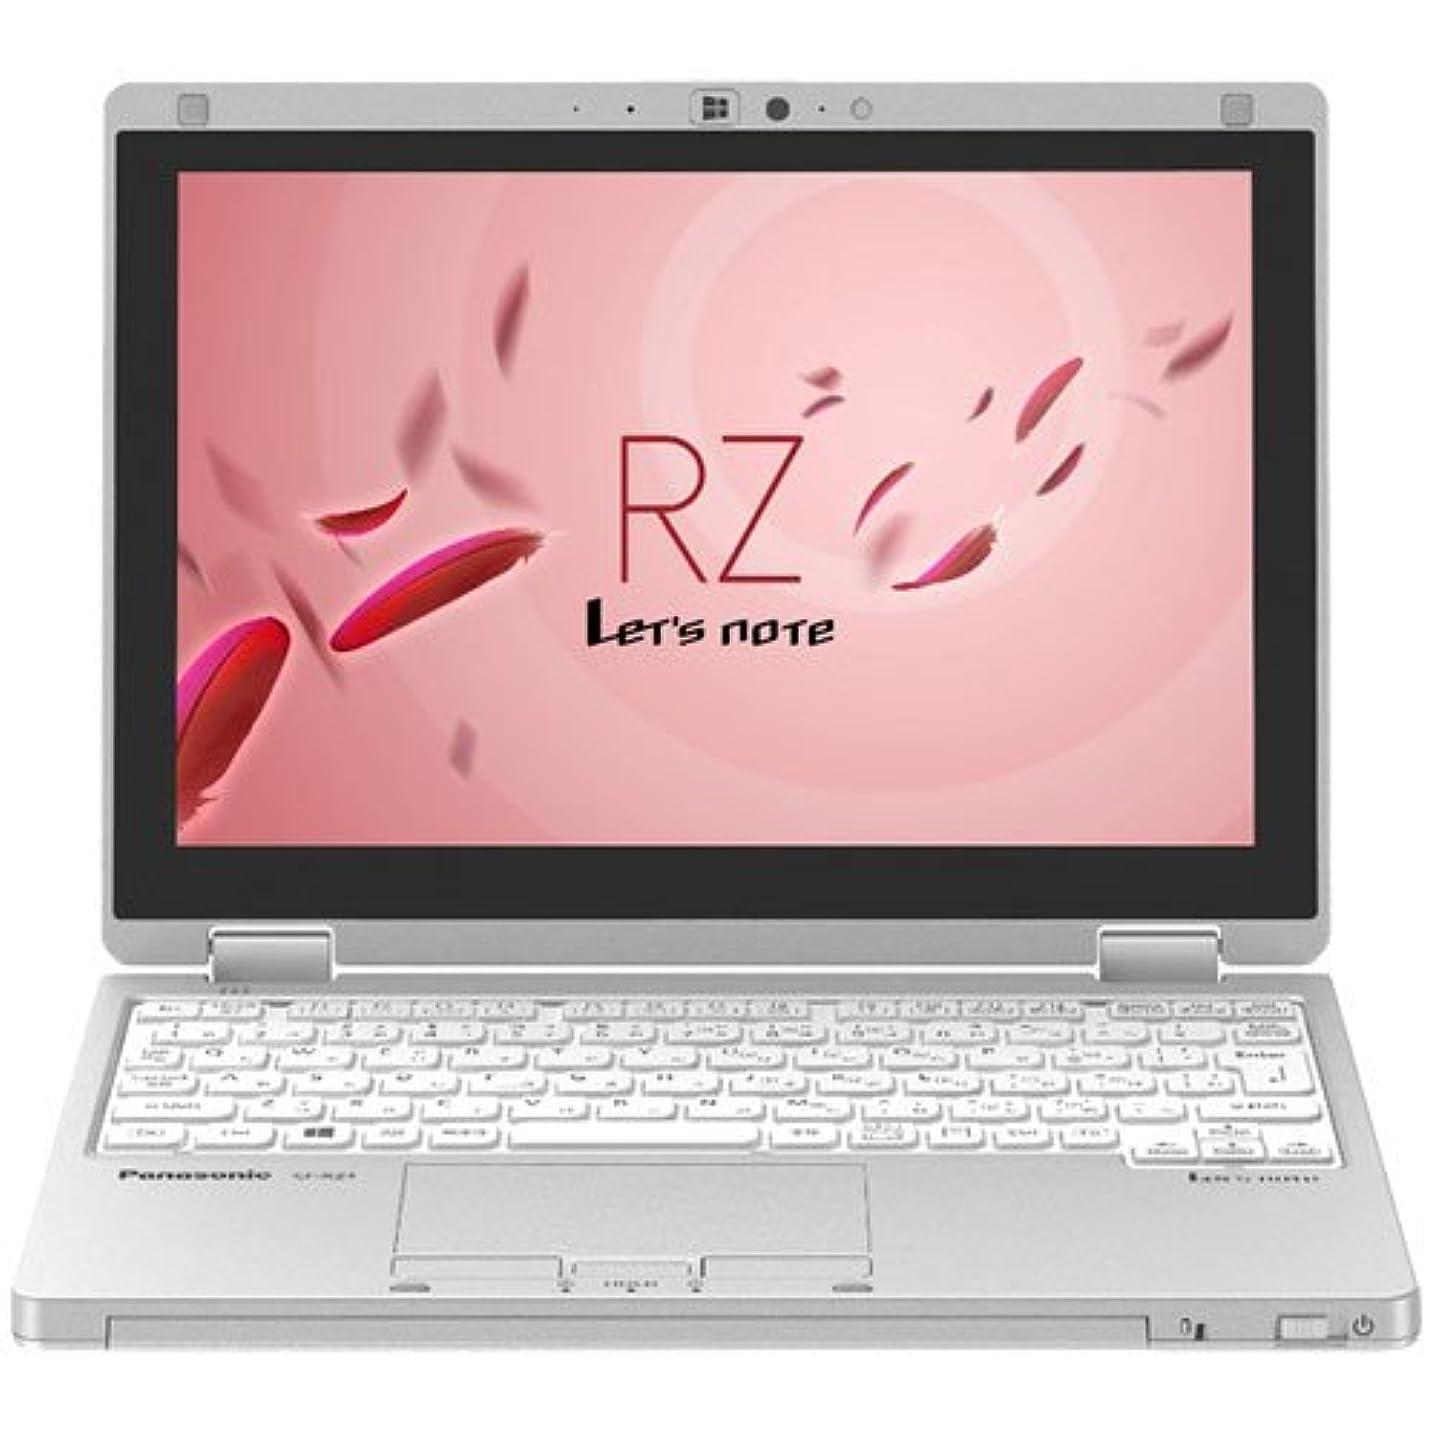 壁うんざり丈夫CF-RZ4GD2NS [Let's note RZ4 法人モデル(M5/SSD/8.1/電L)] ビジネスPC